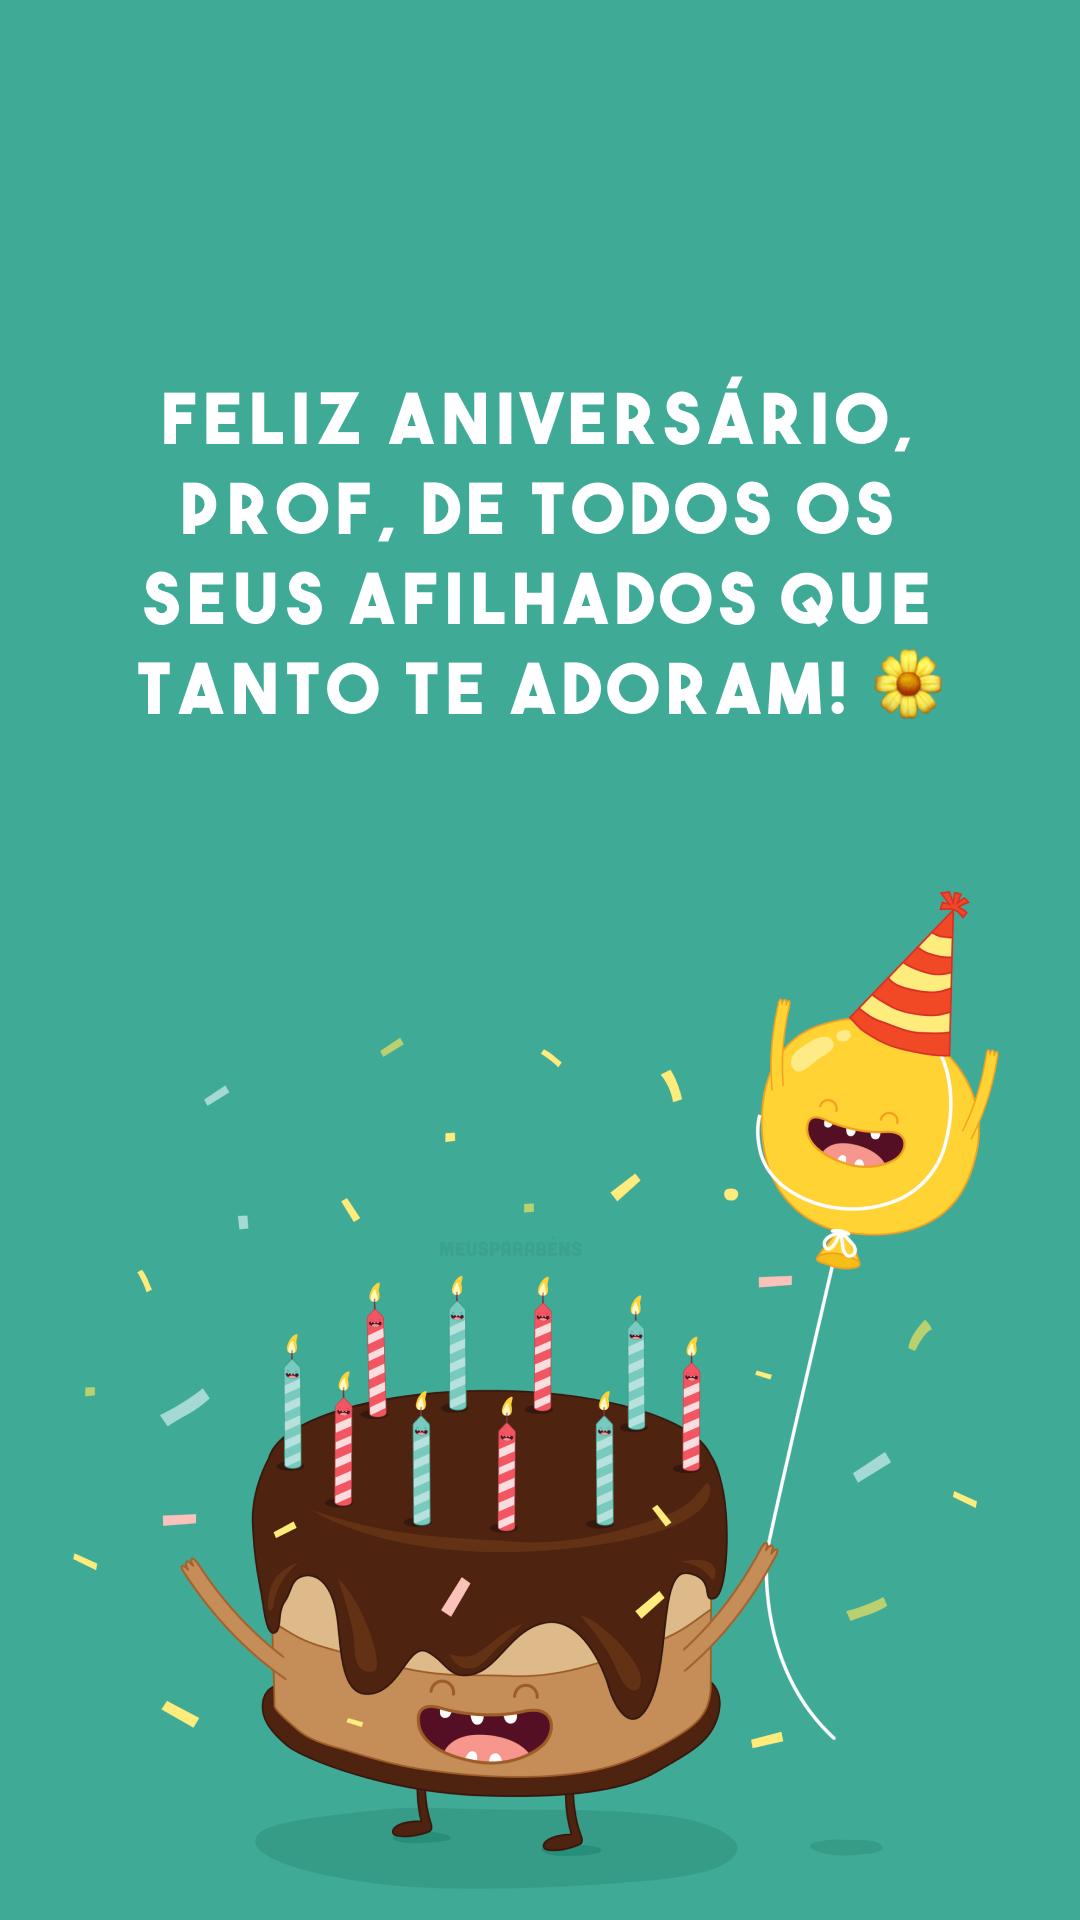 Feliz aniversário, prof, de todos os seus afilhados que tanto te adoram! 🌼